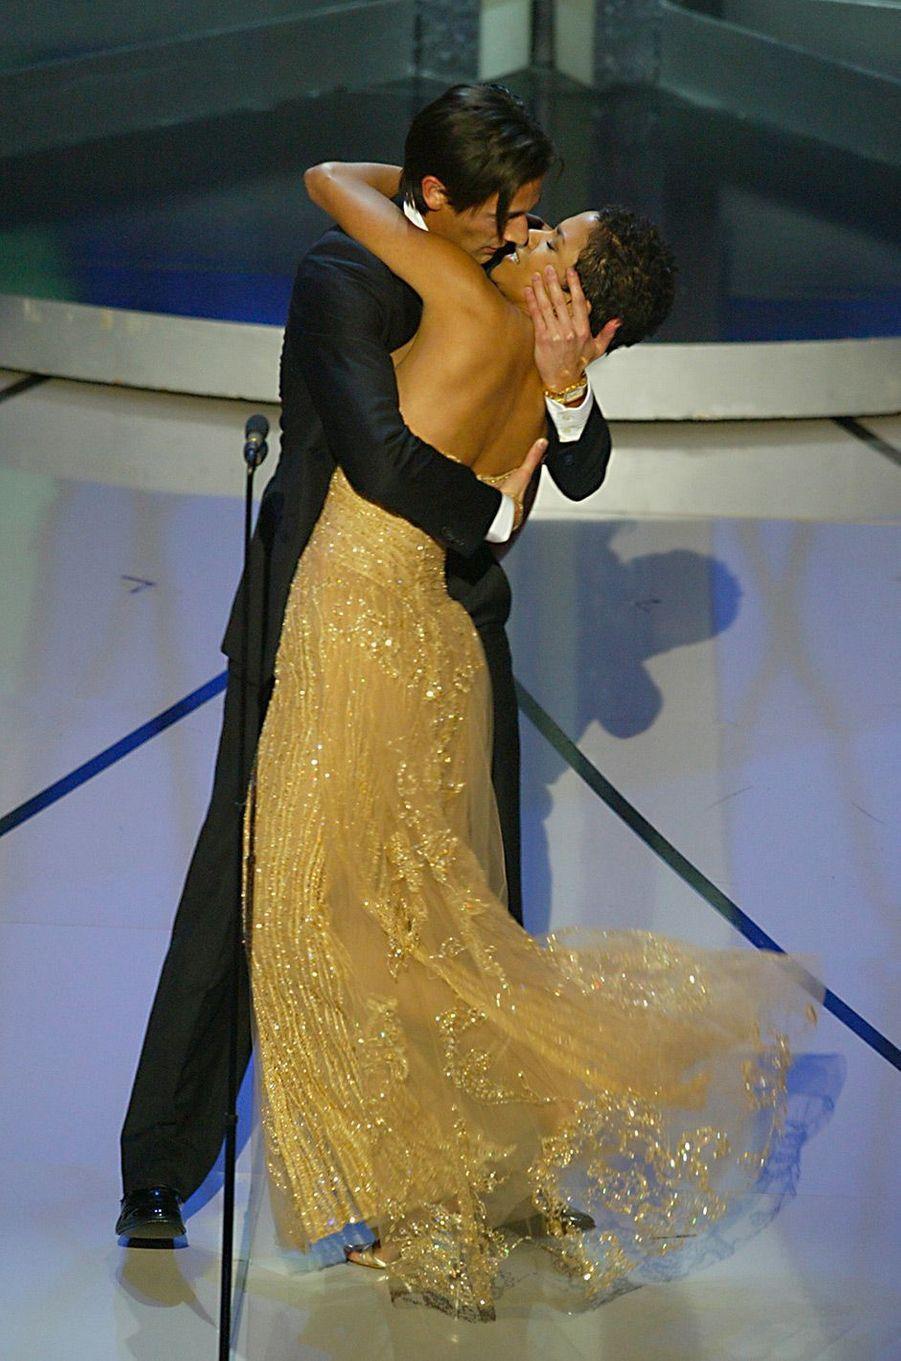 """75ème cérémonie des Oscars (2003)À 29 ans, Adrien Brody est le plus jeune acteur à remporter l'Oscar du meilleur acteur pour son rôle dans """"Le pianiste"""" de Roman Polanski. Sous le choc, il monte sur scène et... embrasse Halle Berry qui s'apprêtait à lui remettre la statuette. Plus tard, Halle Berry raconte qu'elle n'a pas compris ce qu'il se passait, mais s'est laissé faire, connaissant l'émotion incontrôlable que procure l'attribution d'un Oscar (elle a été sacrée meilleure actrice pour """"À l'ombre de la haine"""" en 2002).(Photo : Adrien Brody surprend Halle Berry en l'embrassant, 2003)"""